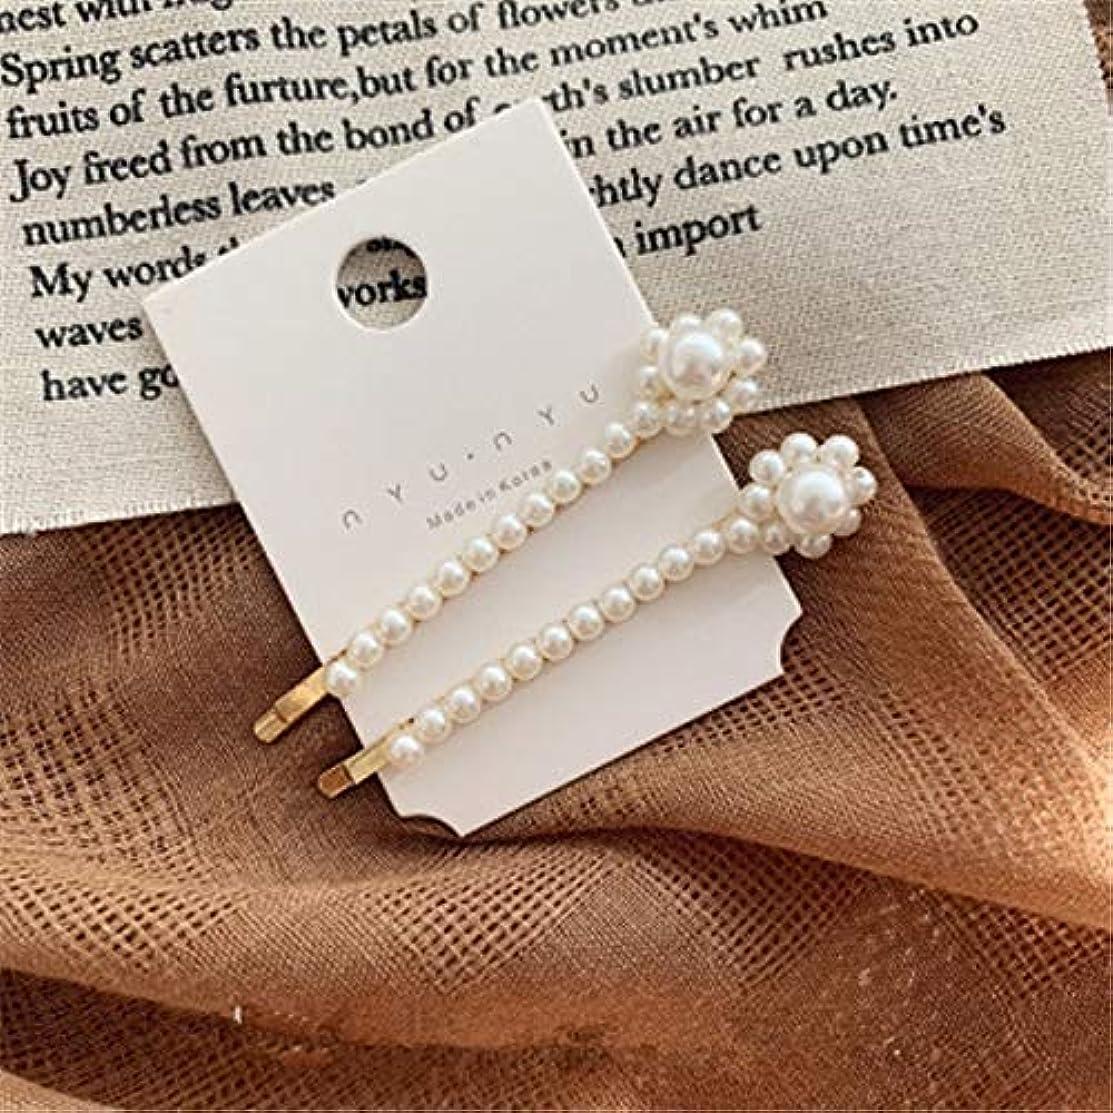 人事ポンペイ内向きフラワーヘアピンFlowerHairpin Yhm模造真珠の花ヘアピンヴィンテージロングバレットヘアクリップクリスタルメタルヘアアクセサリーヘアグリップ (色 : Color12)